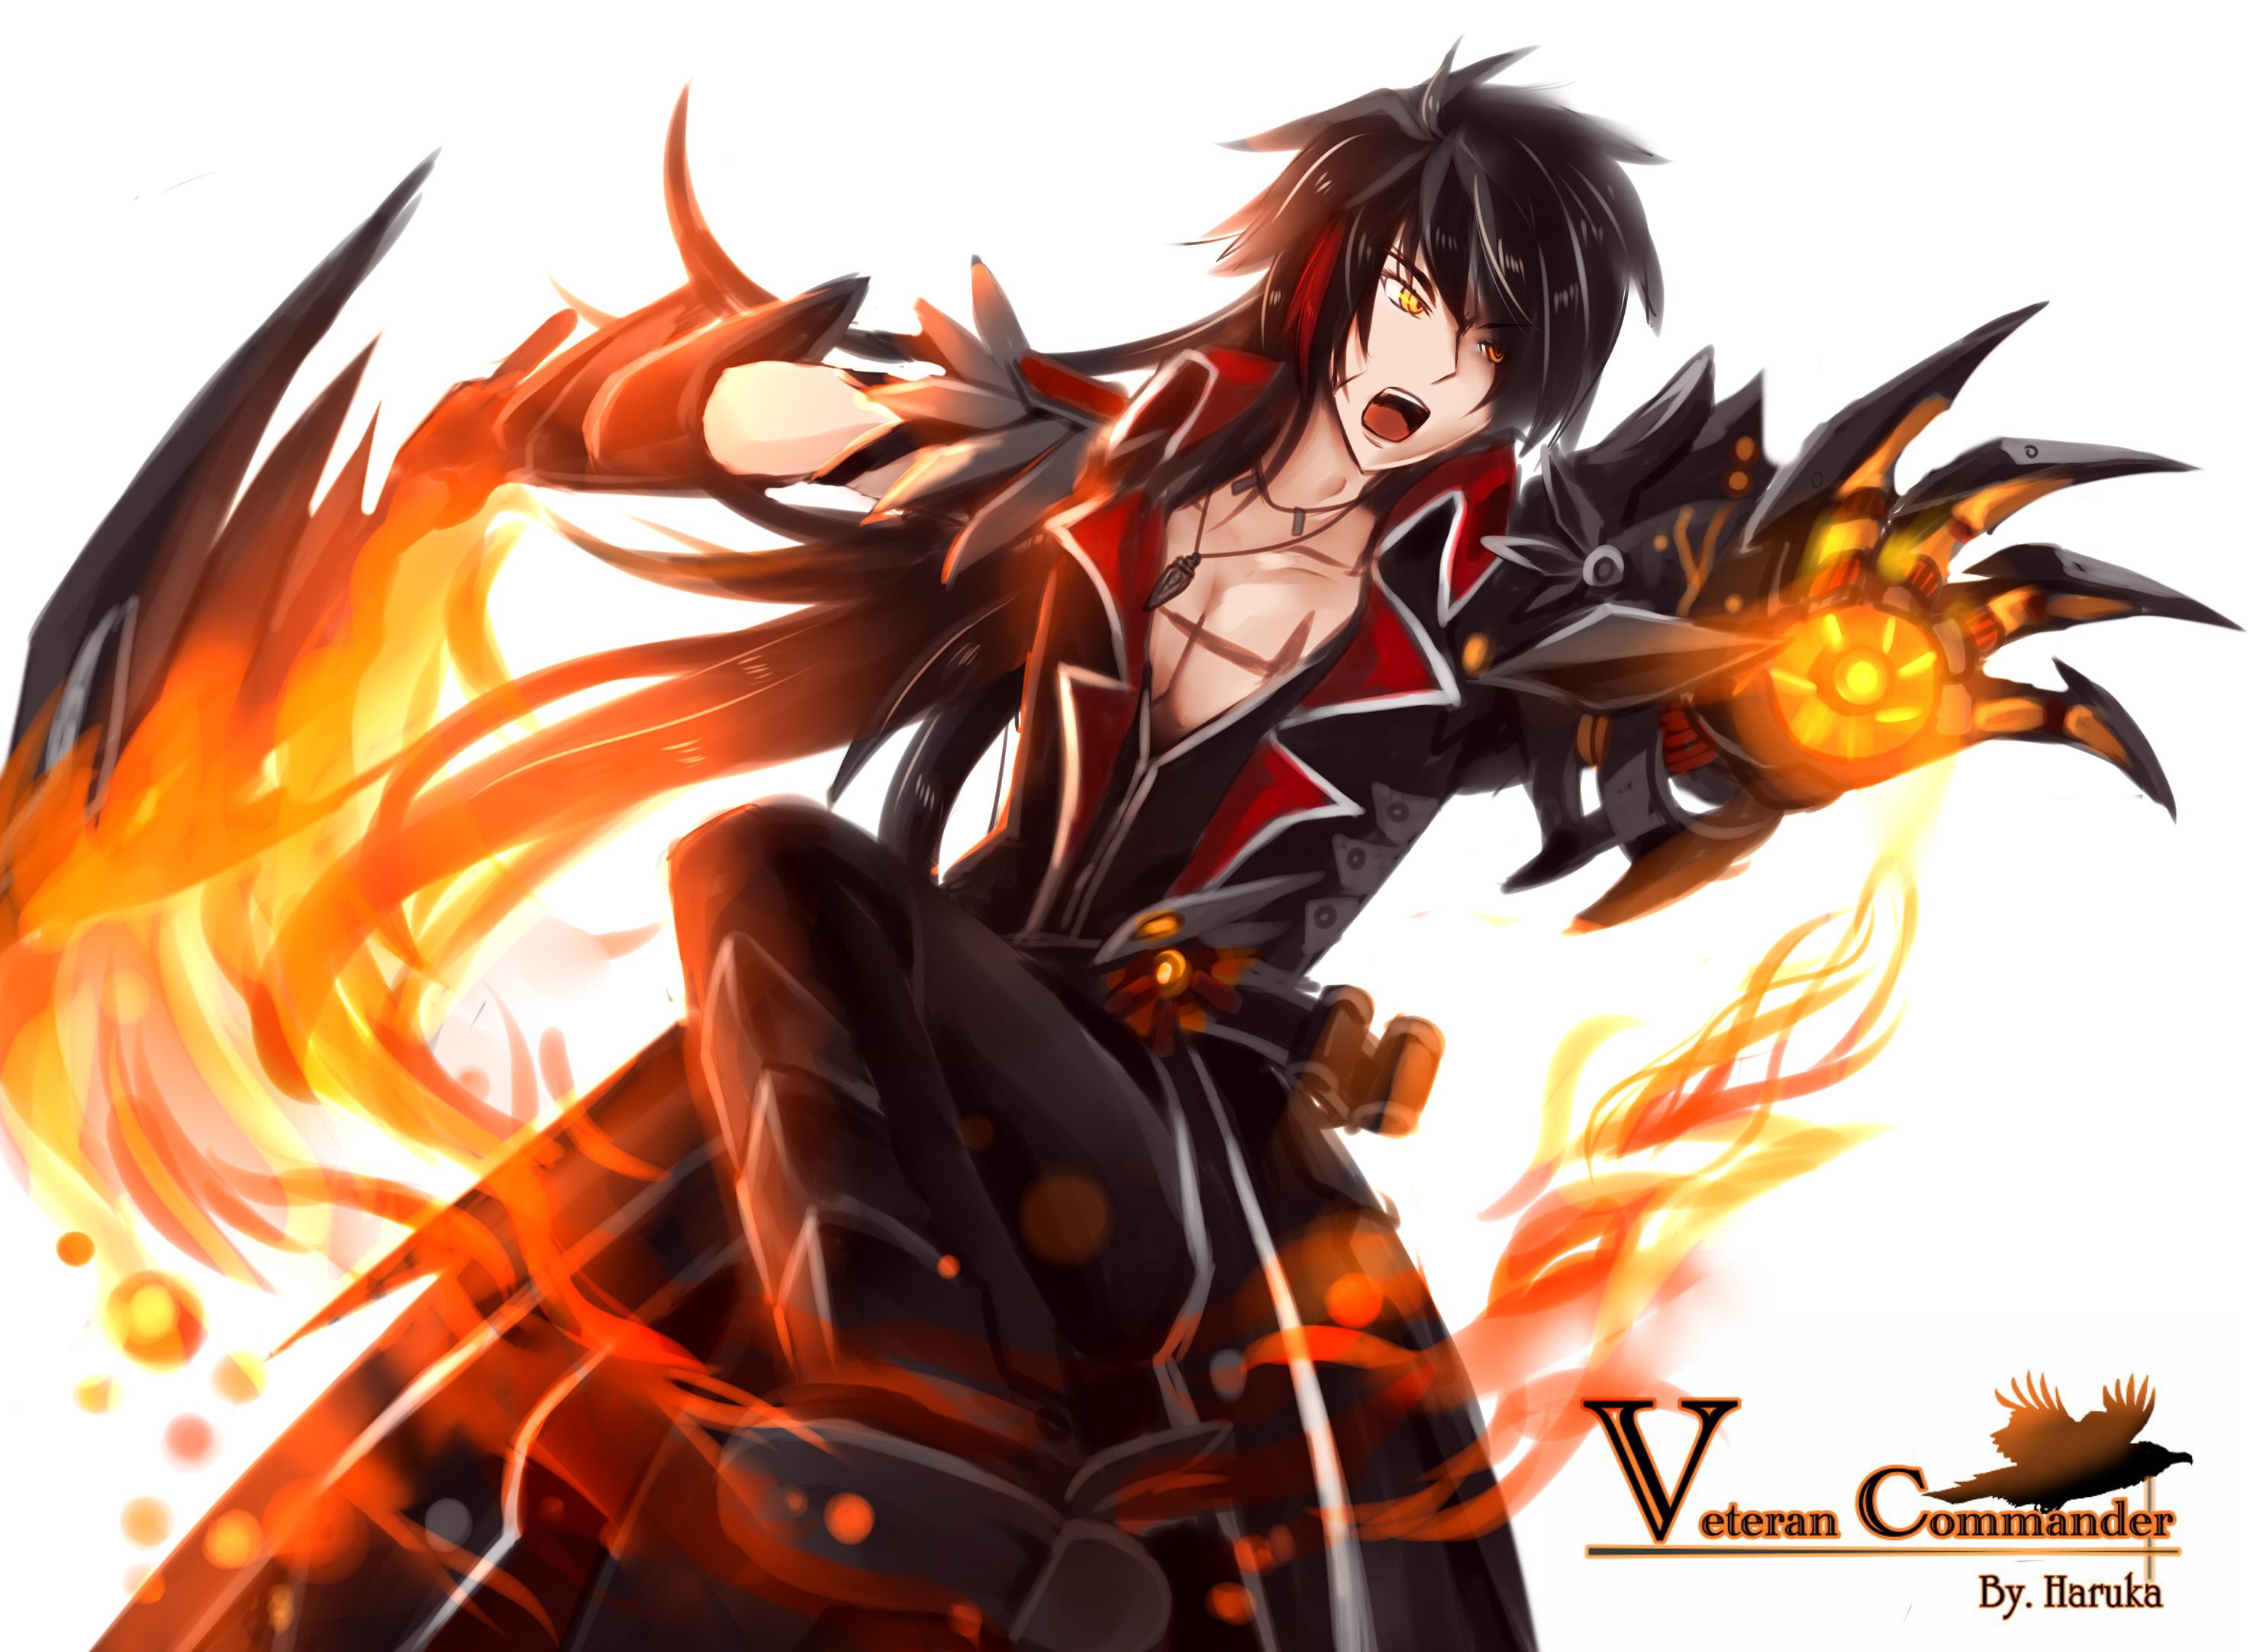 Veteran Commander Raven Download Image